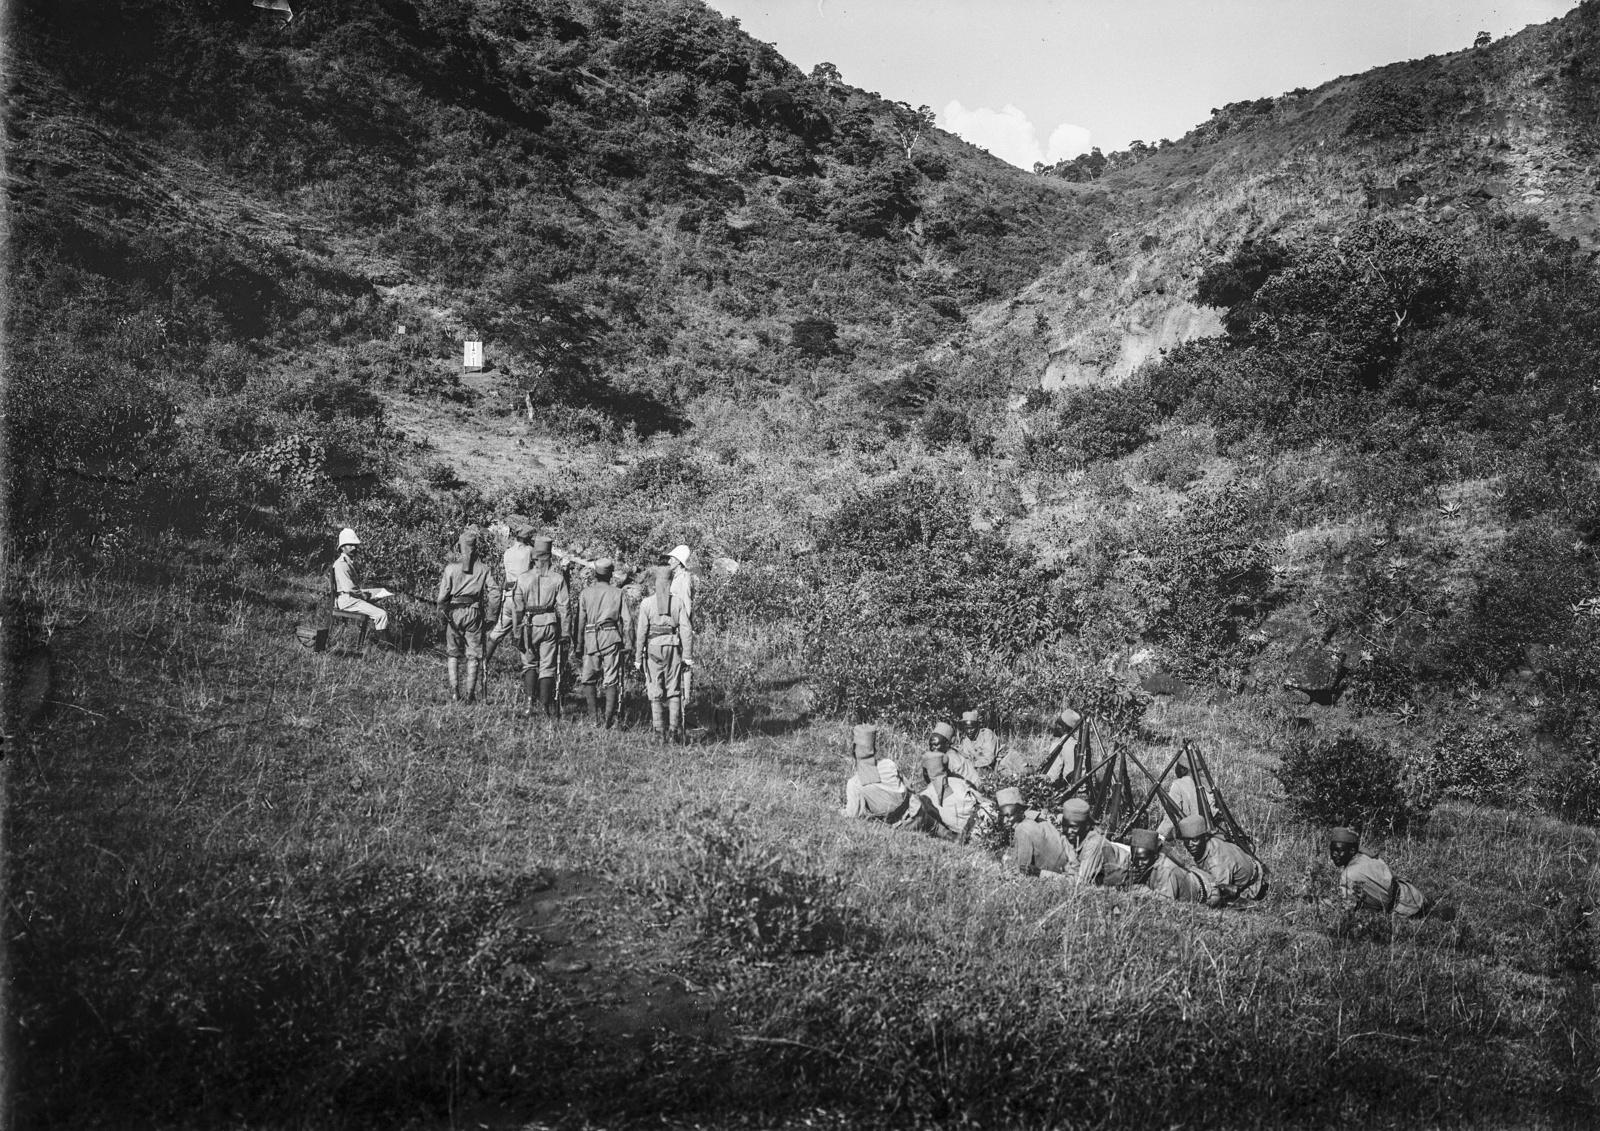 80. Учебные стрельбы.  Солдаты немецких колониальных войск , оснащенные огнестрельным оружием Mauser Model 71